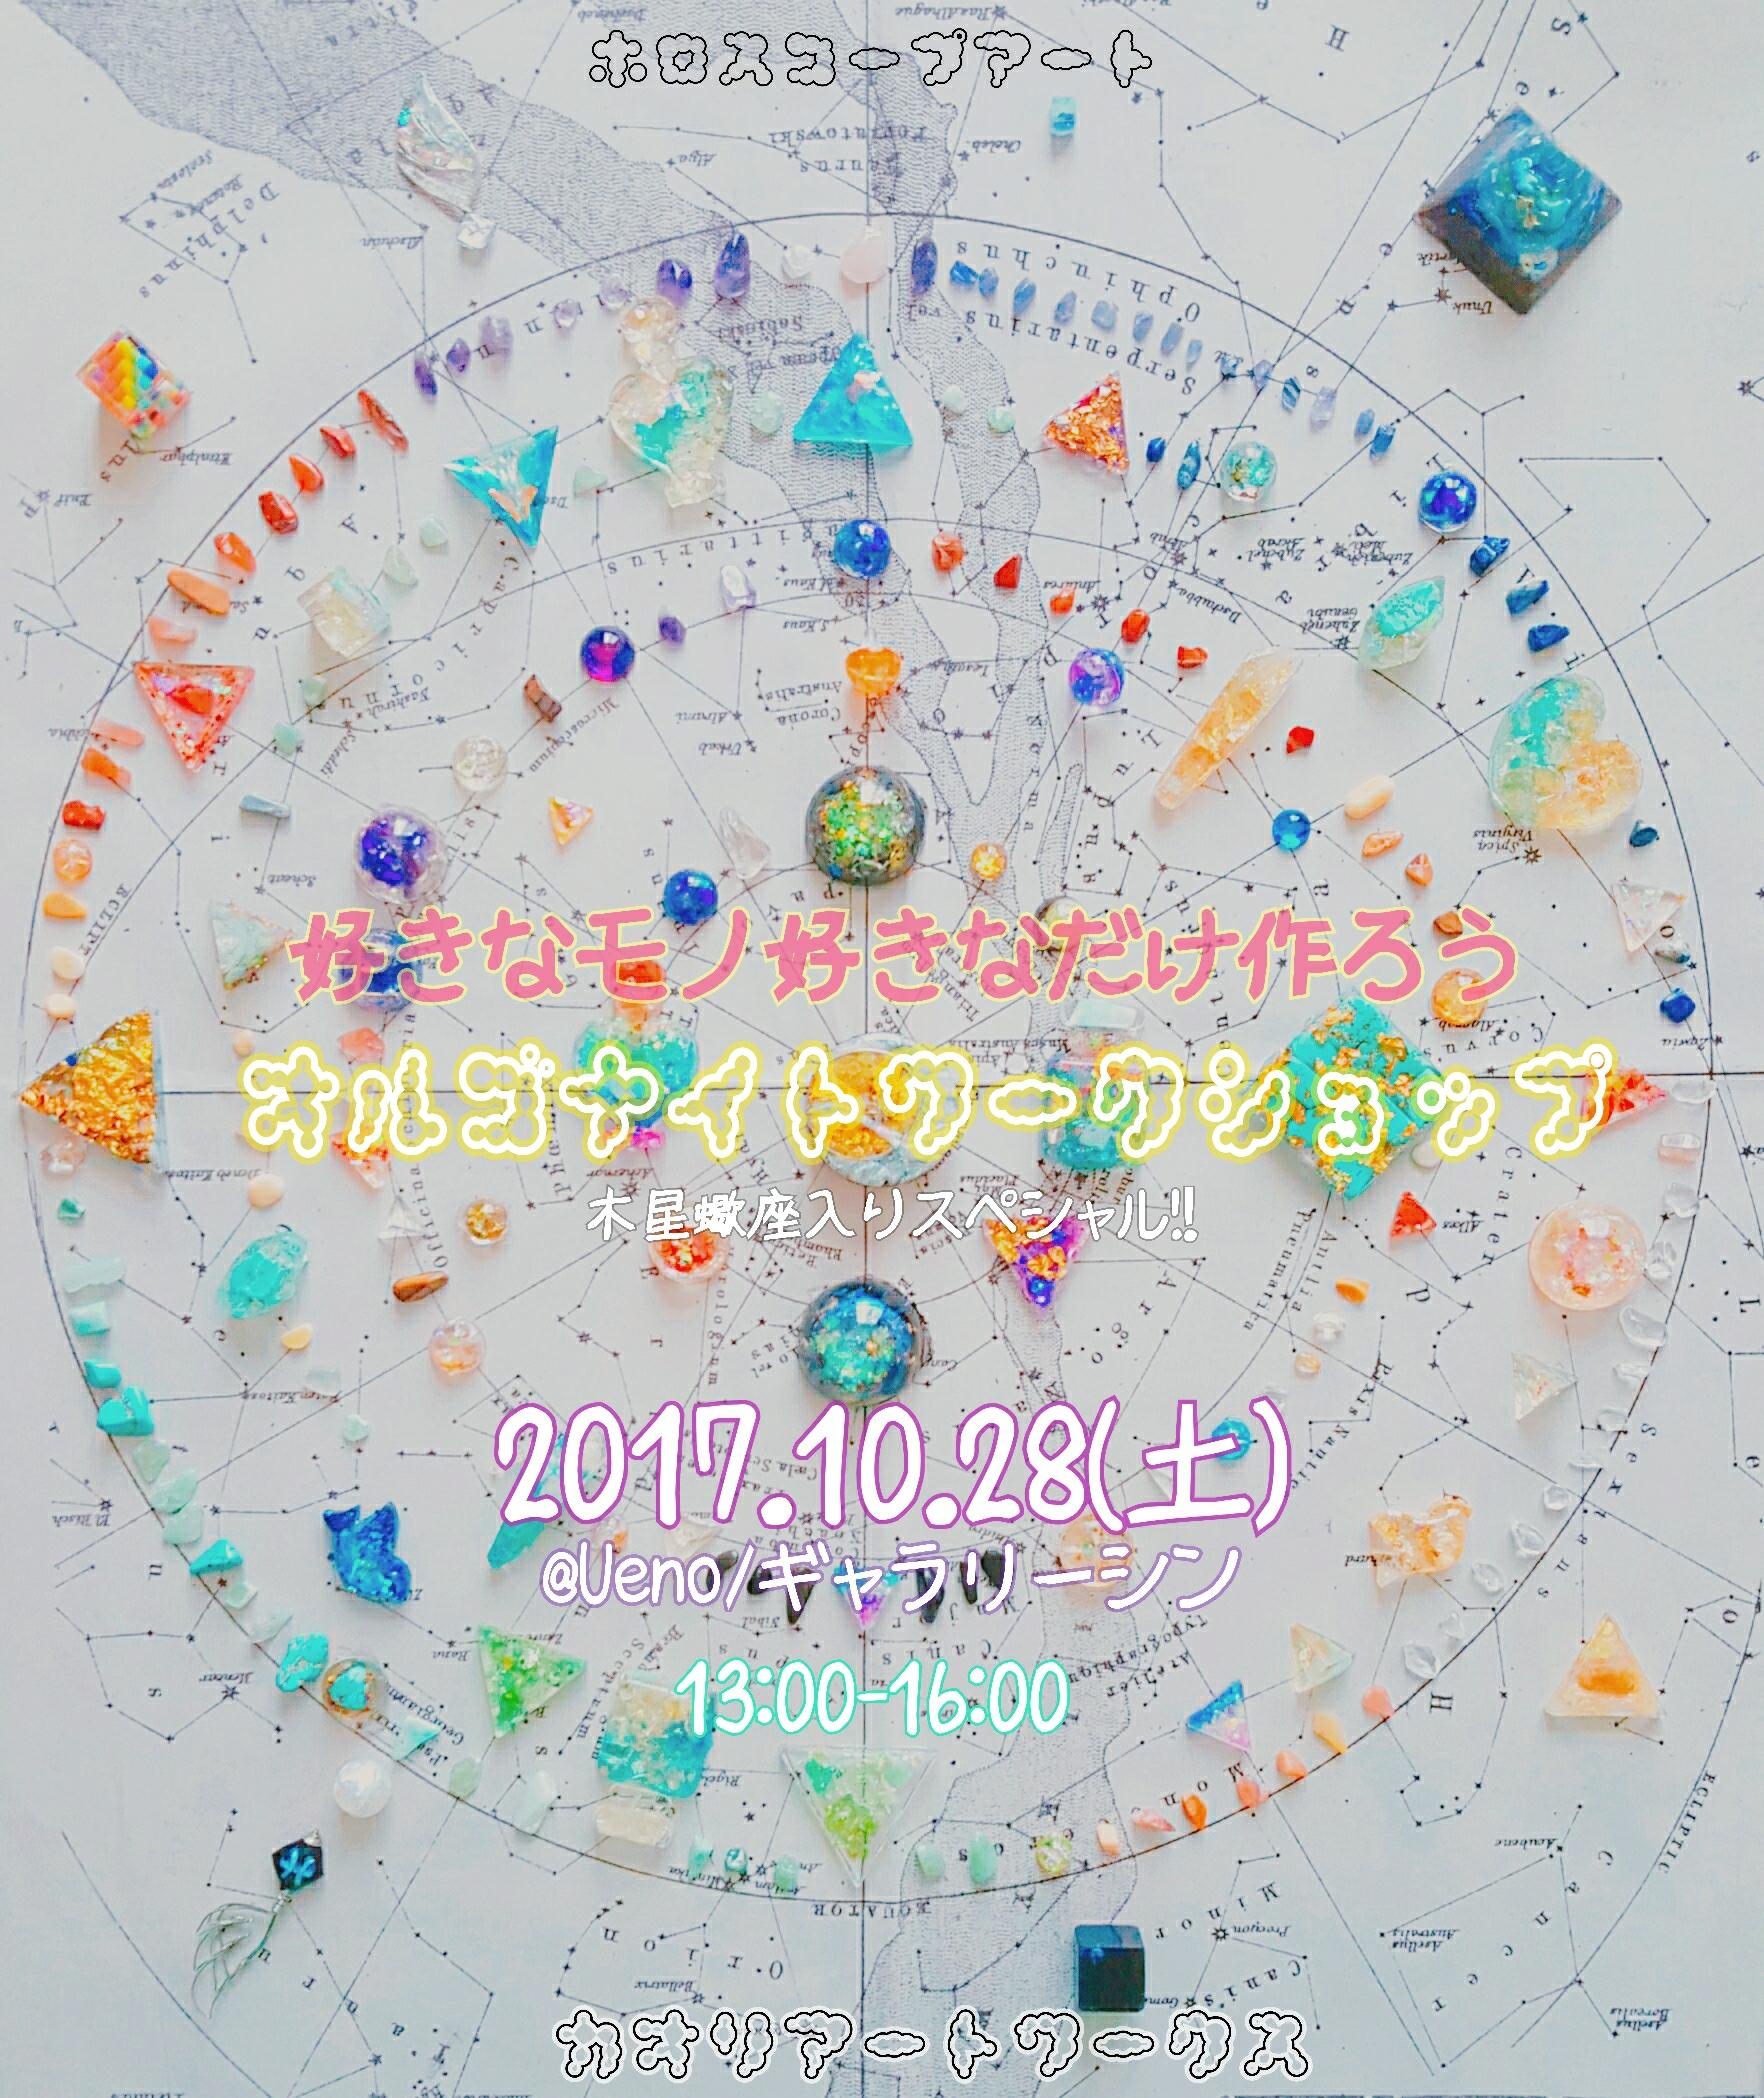 2017年10月28日㈯13時~16時オルゴナイトワークショップ【木星さそり座入り記念スペシャル】